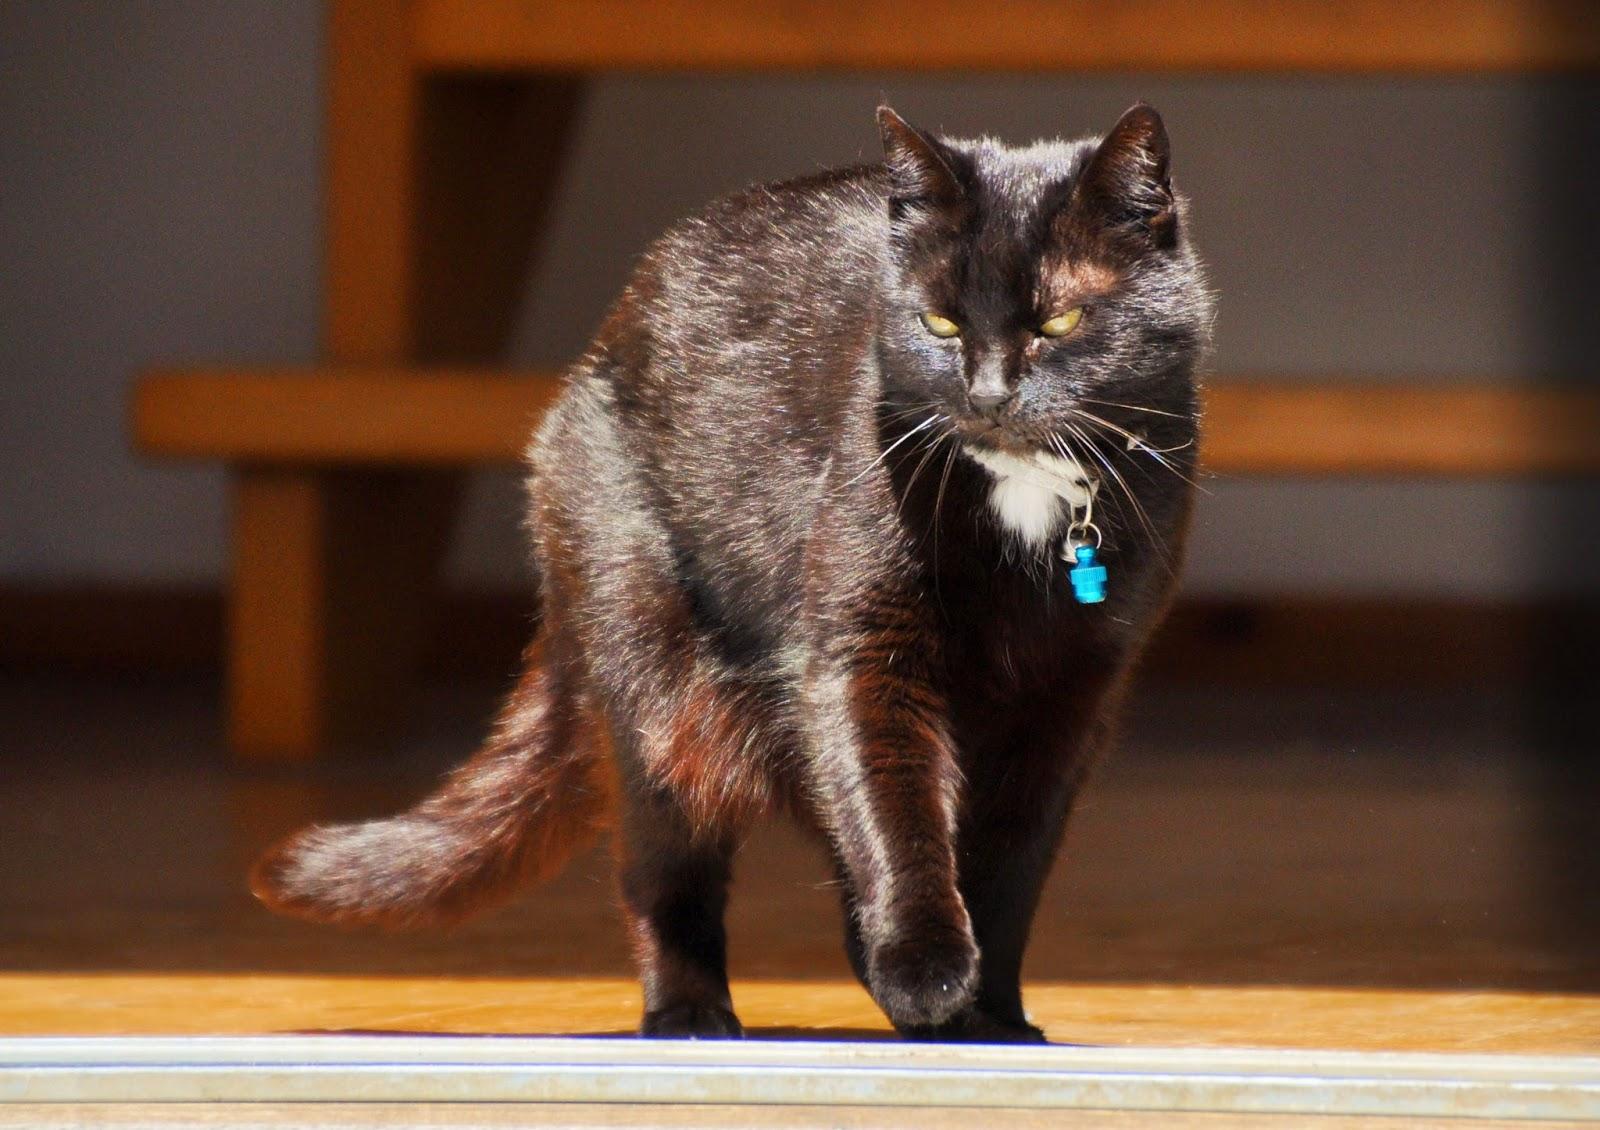 pin der hund frisst sehr schnell und die katze relativ. Black Bedroom Furniture Sets. Home Design Ideas